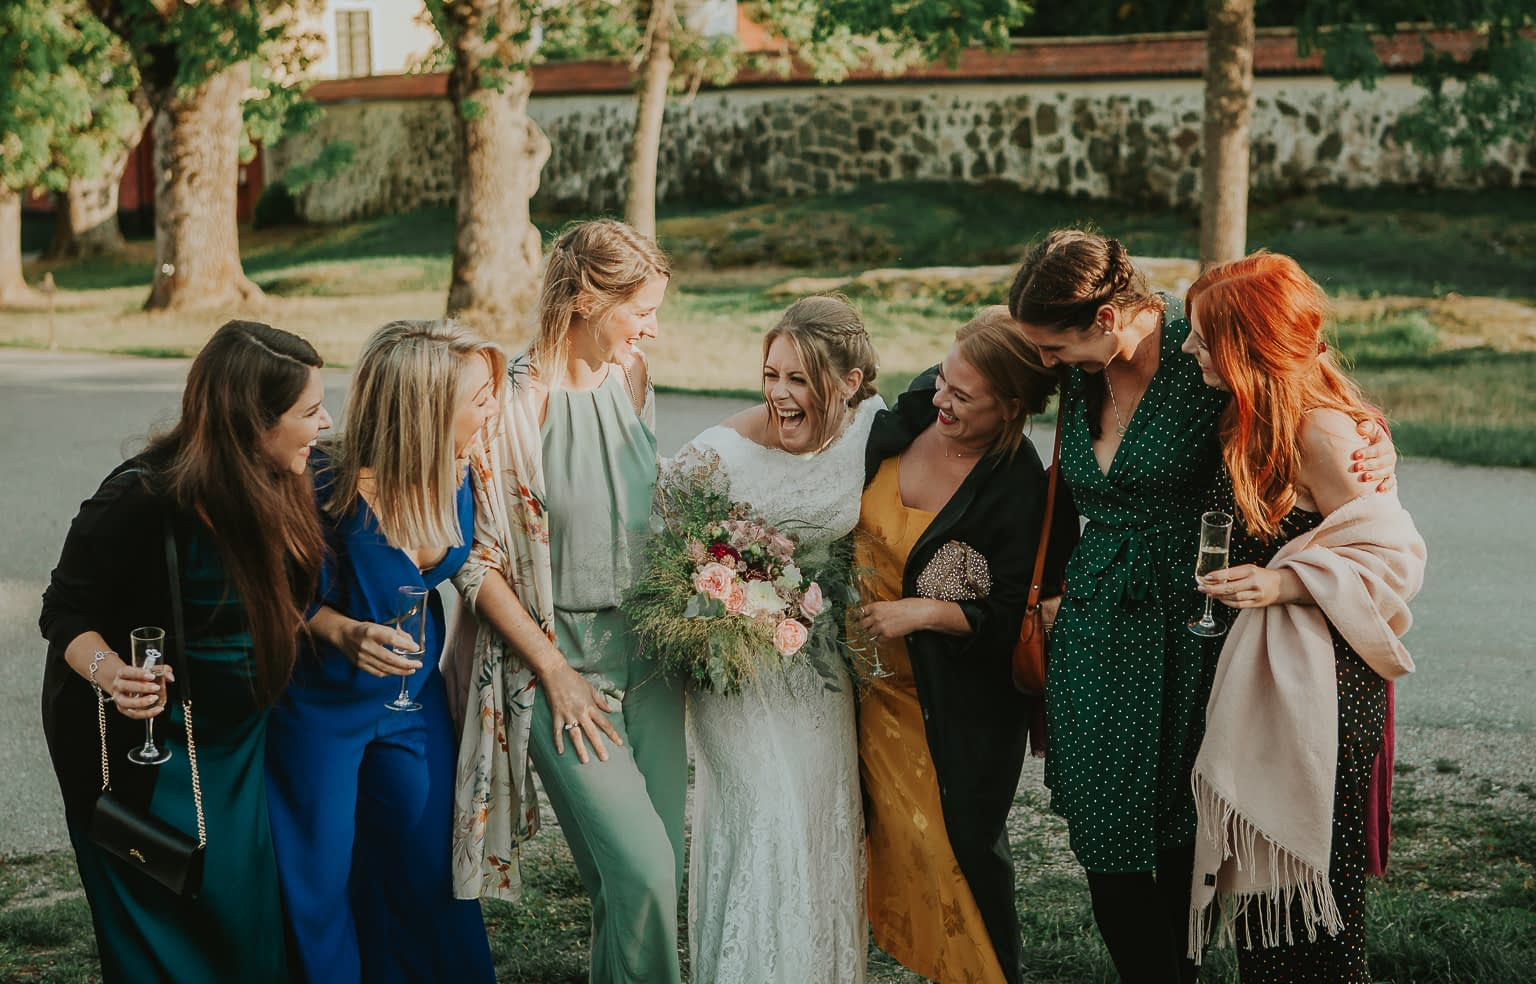 mariee et ses amis rigolent dans son mariage